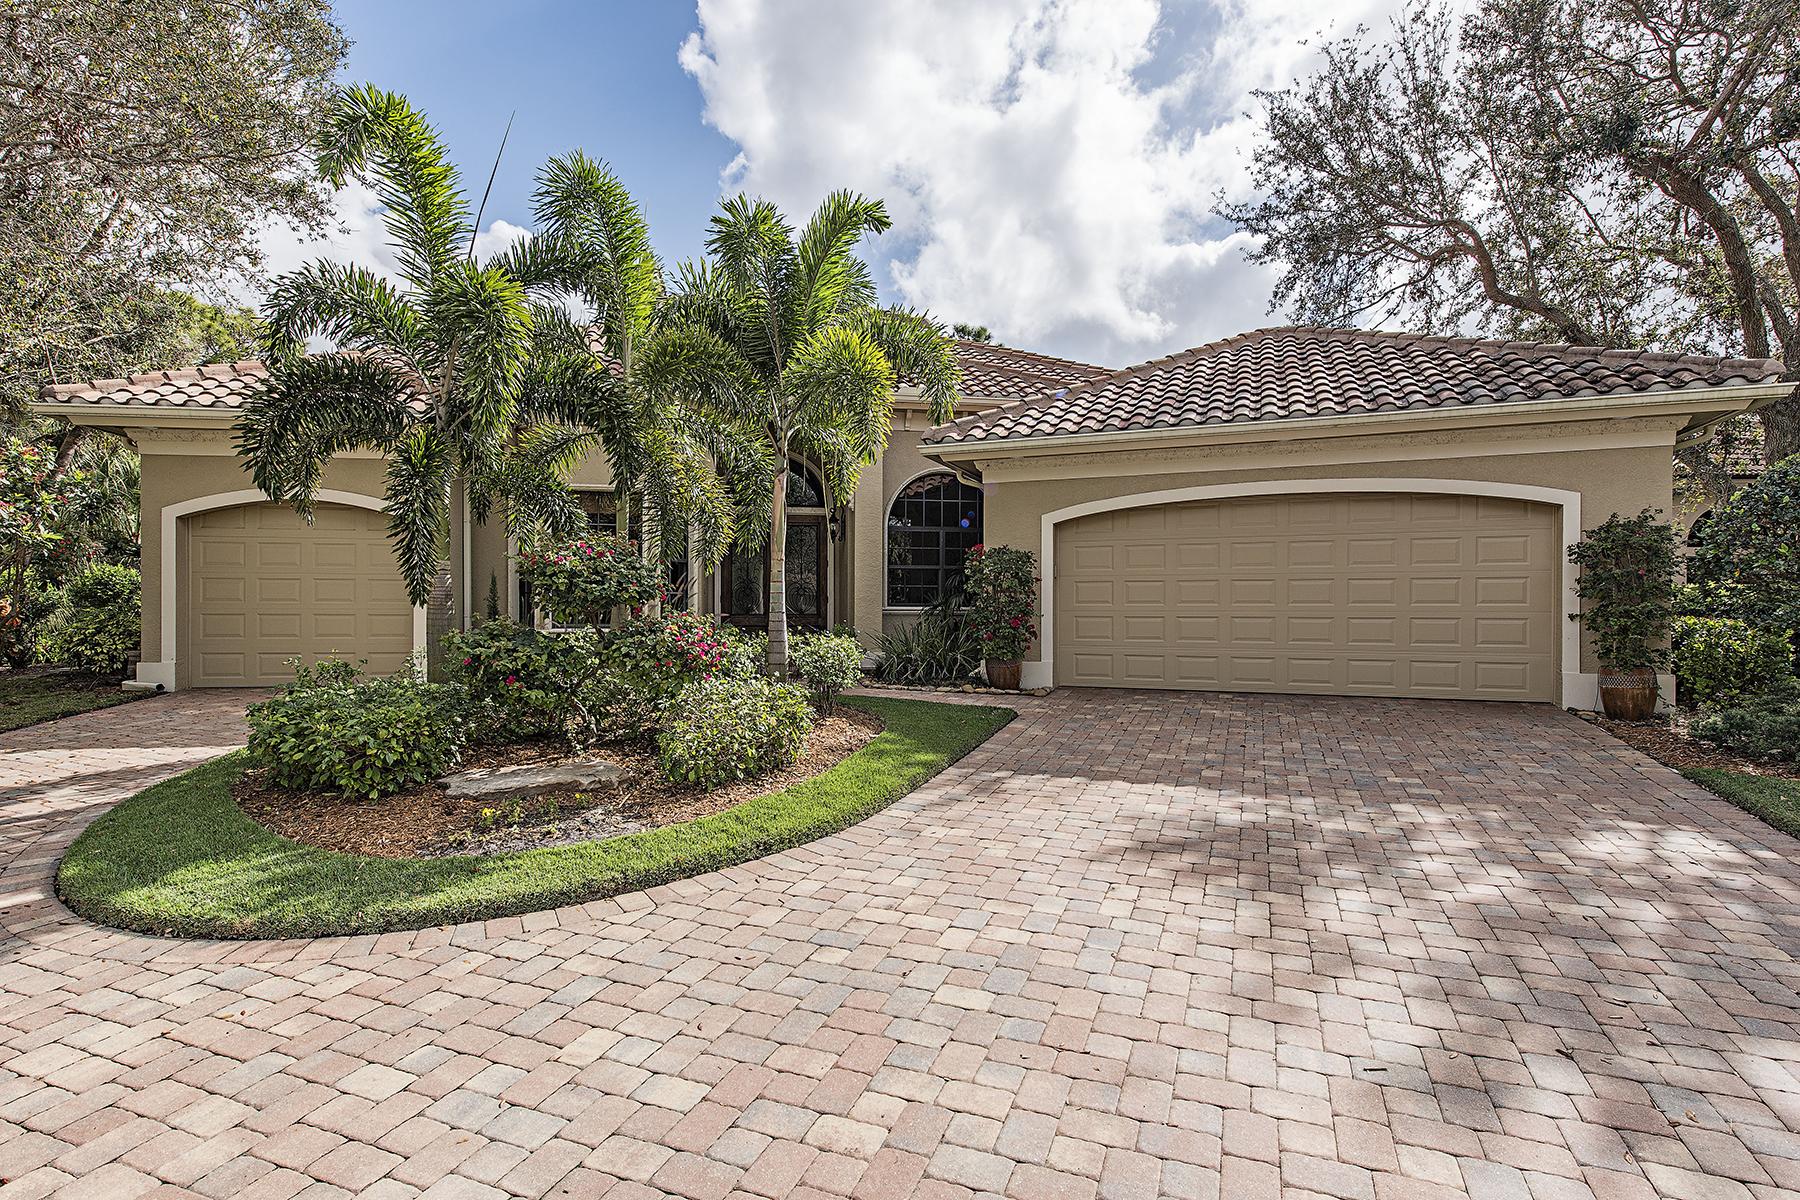 단독 가정 주택 용 매매 에 BONITA BAY - LAUREL RIDGE 3071 Laurel Ridge Ct, Bonita Springs, 플로리다, 34134 미국